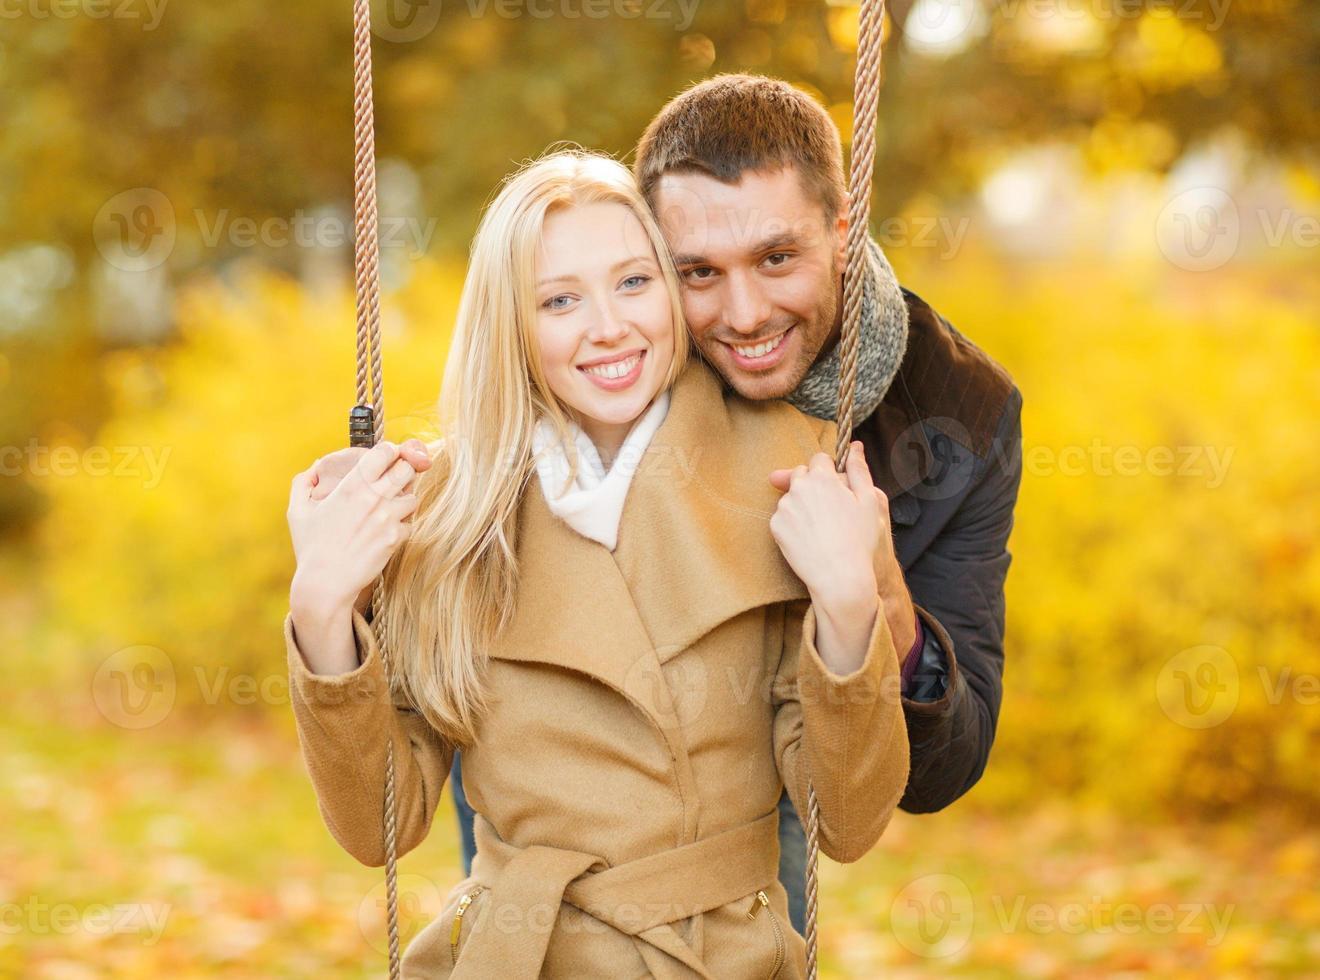 coppia romantica nel parco d'autunno foto